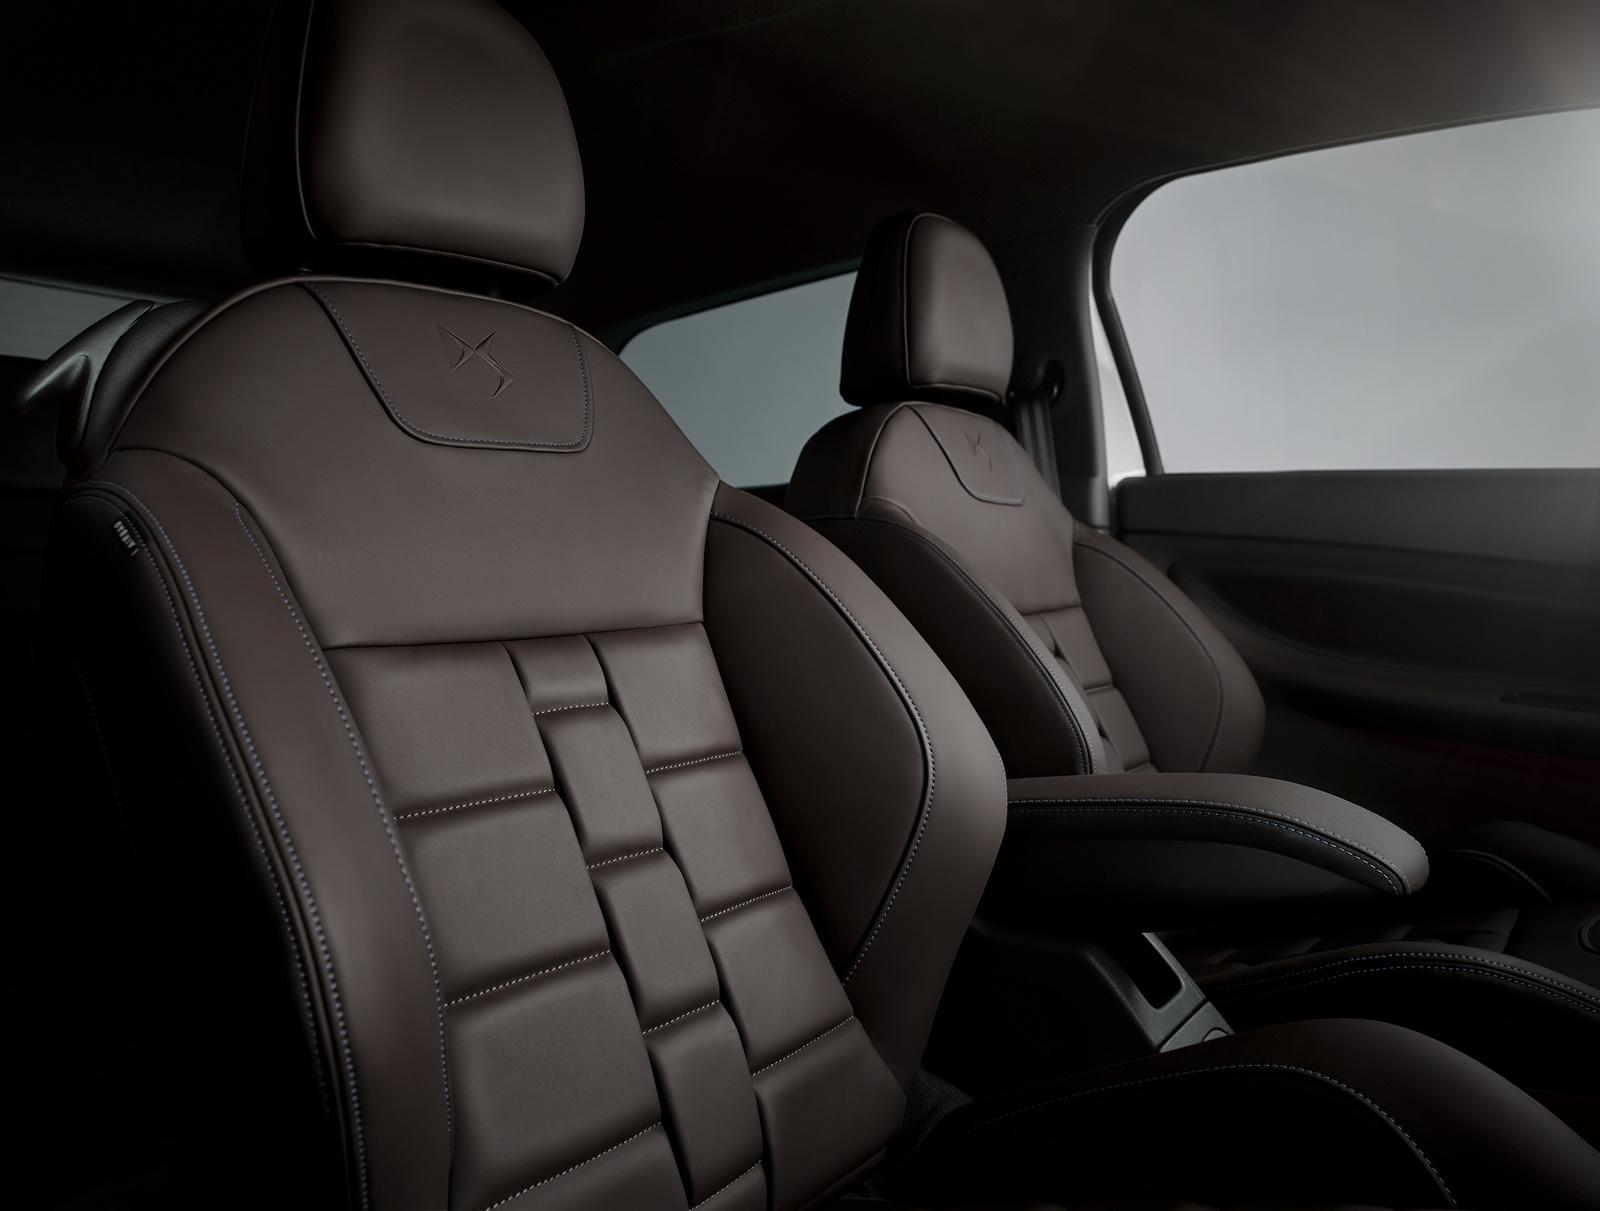 DS Automobiles - 2016 - Nouvelle DS 3 - sièges / seats